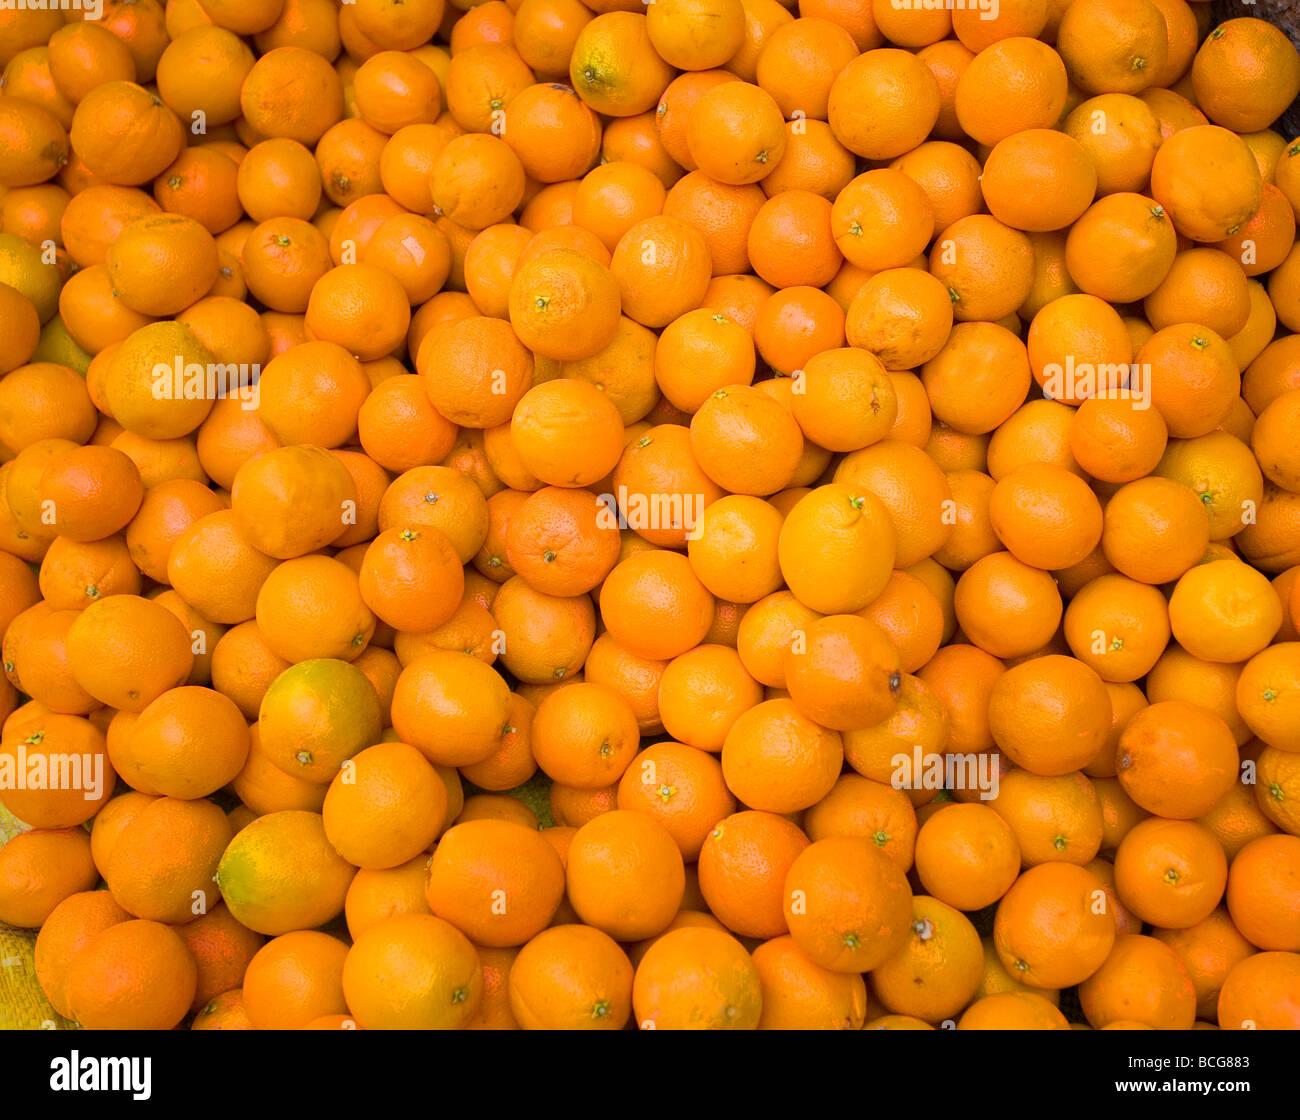 Moroccan Oranges Stock Photo